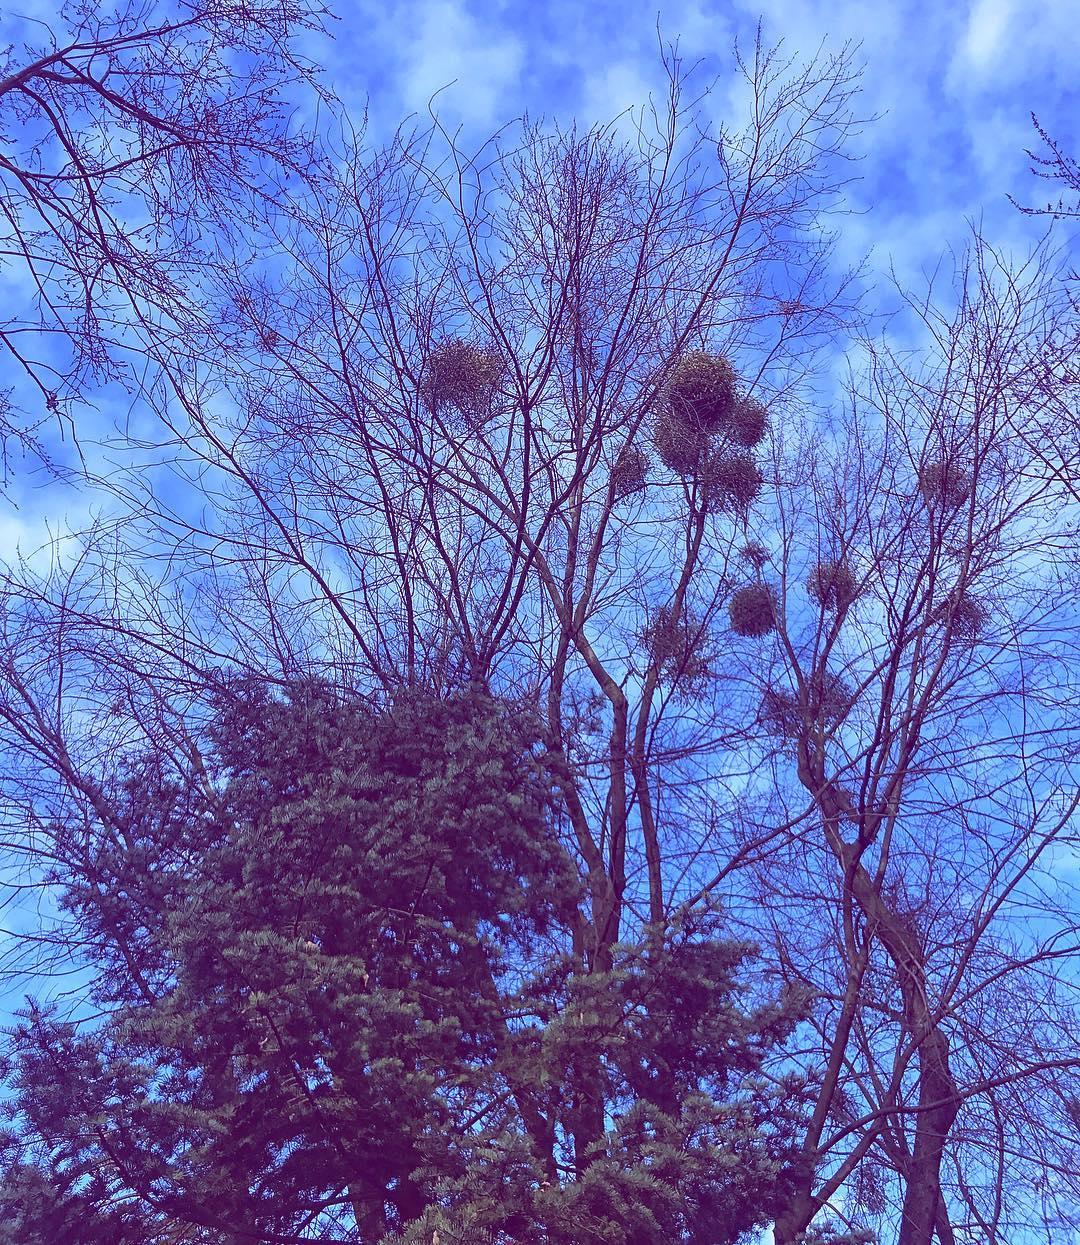 Dzi pogoda oszalaa U mnie wiosna i 12 stopni Ahellip